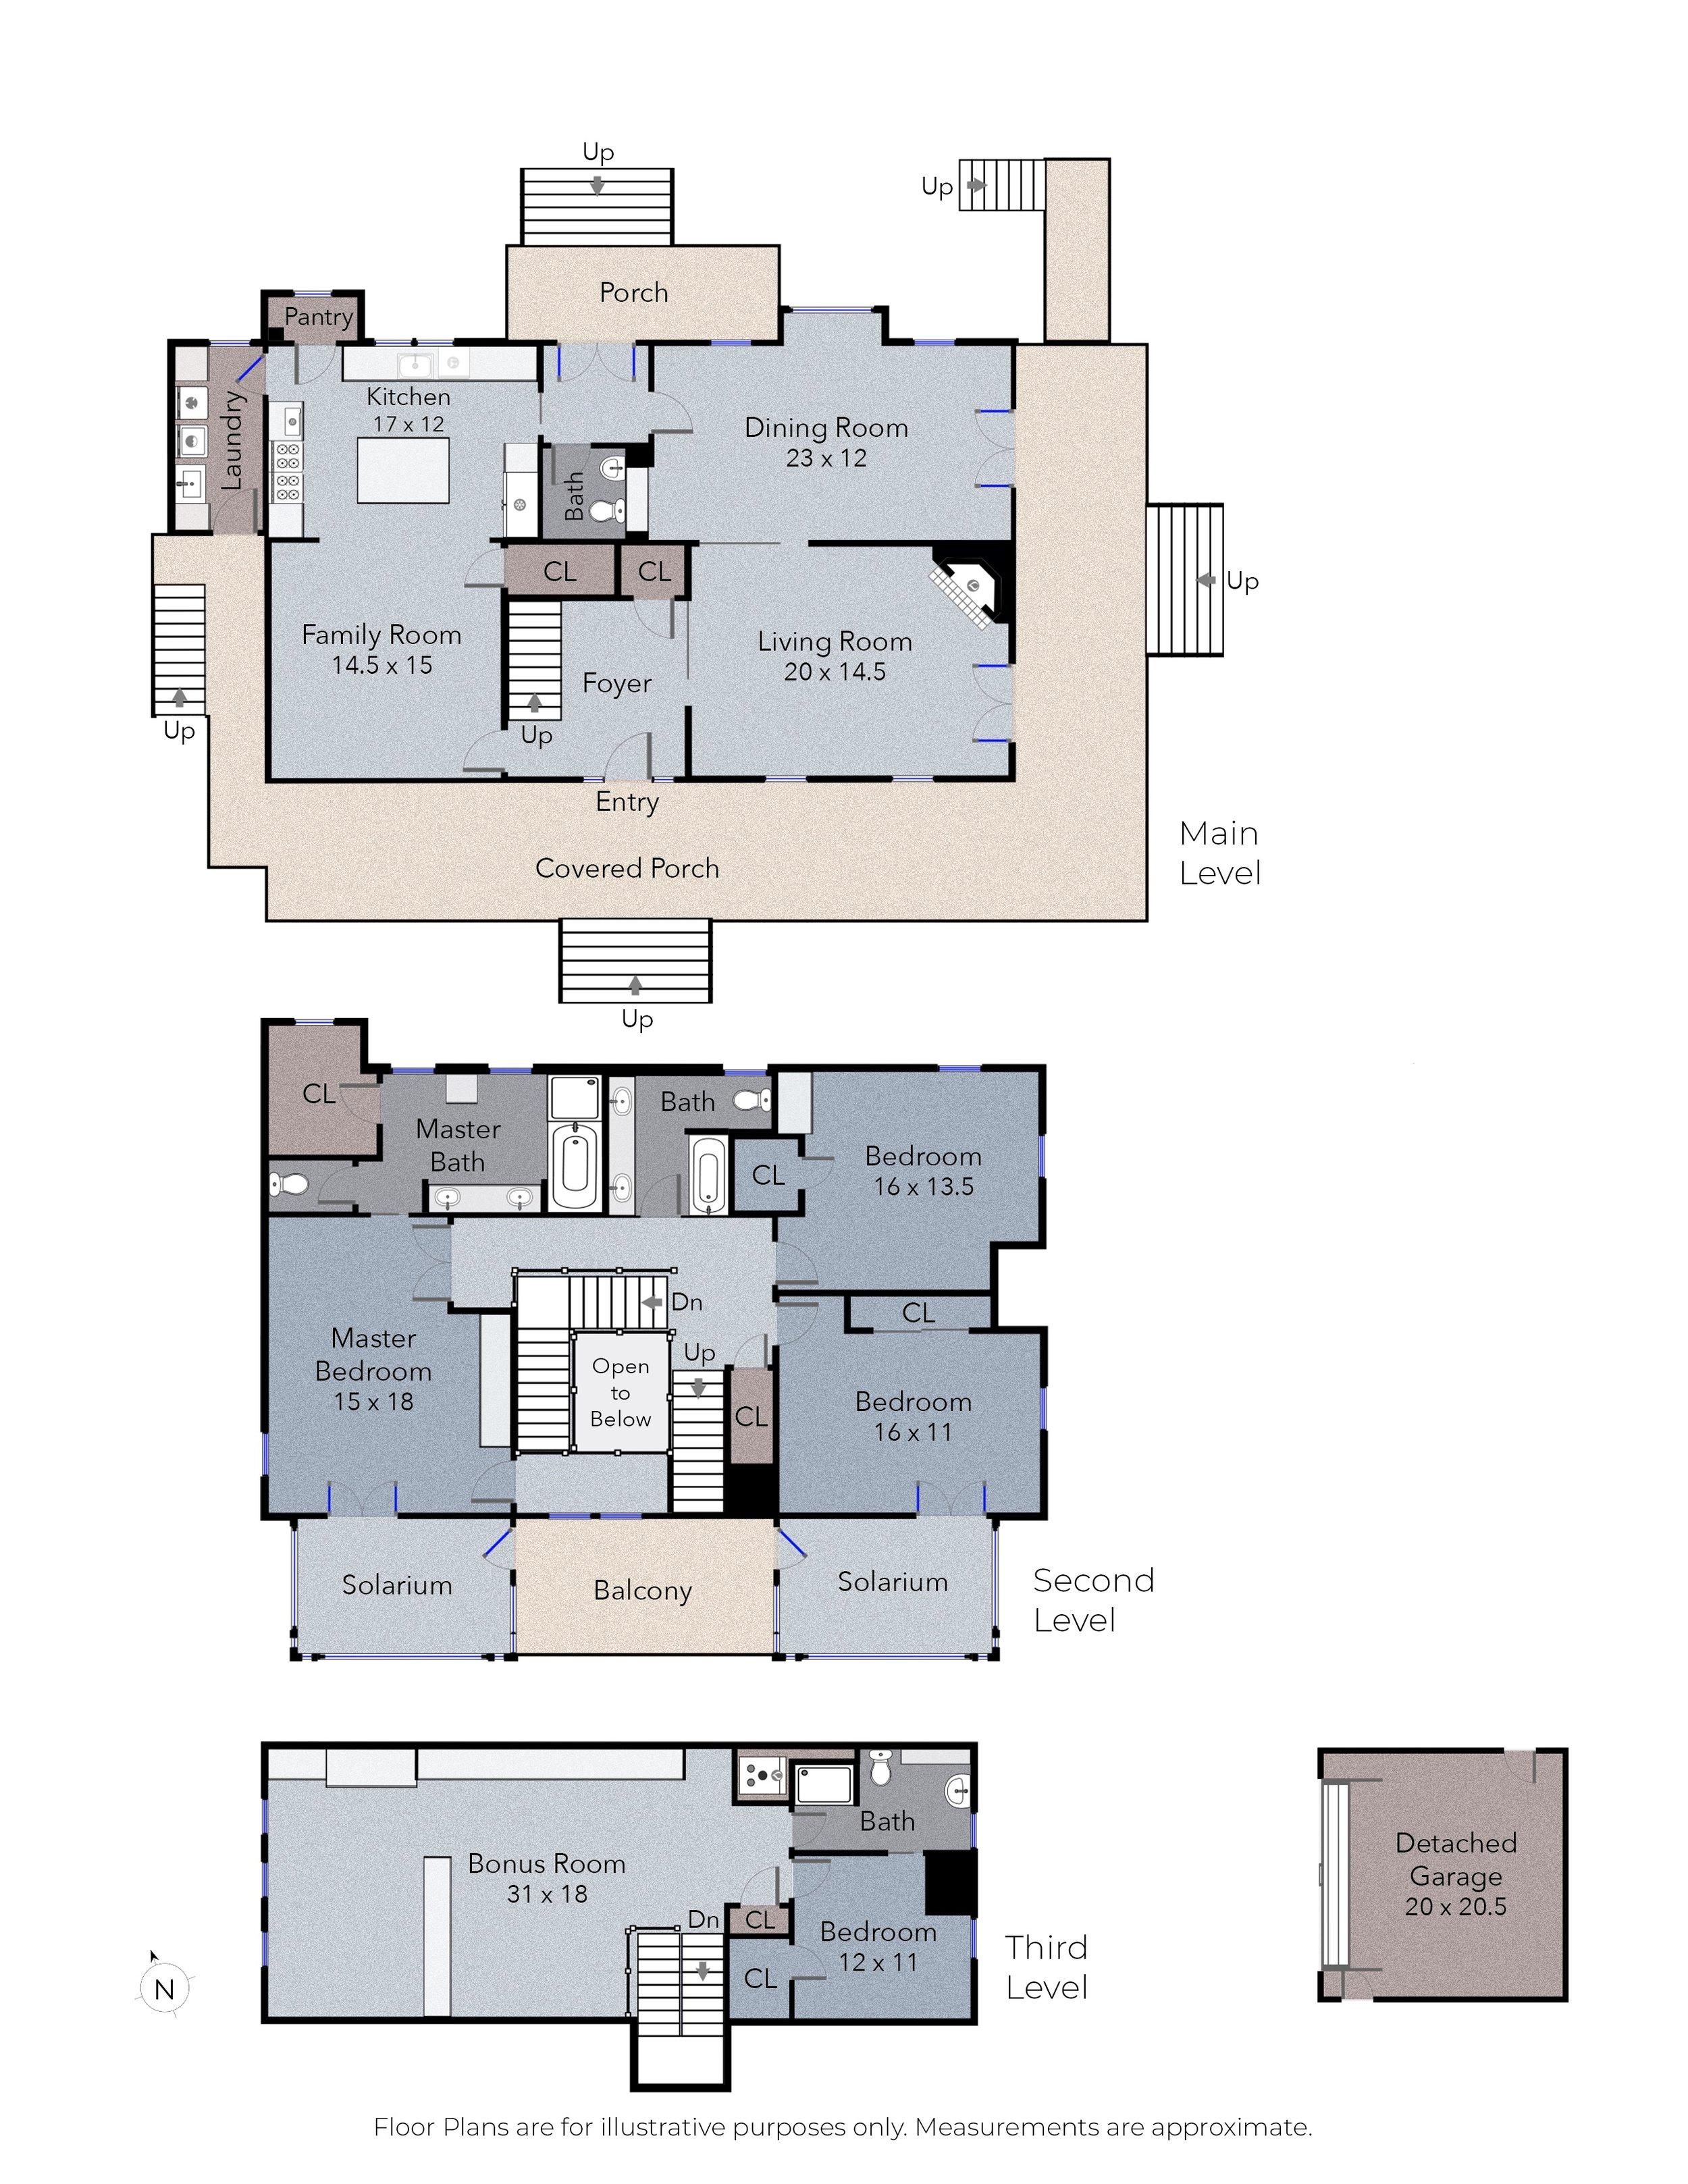 439 Rinconada Ct, Los Altos Floor Plan.jpg